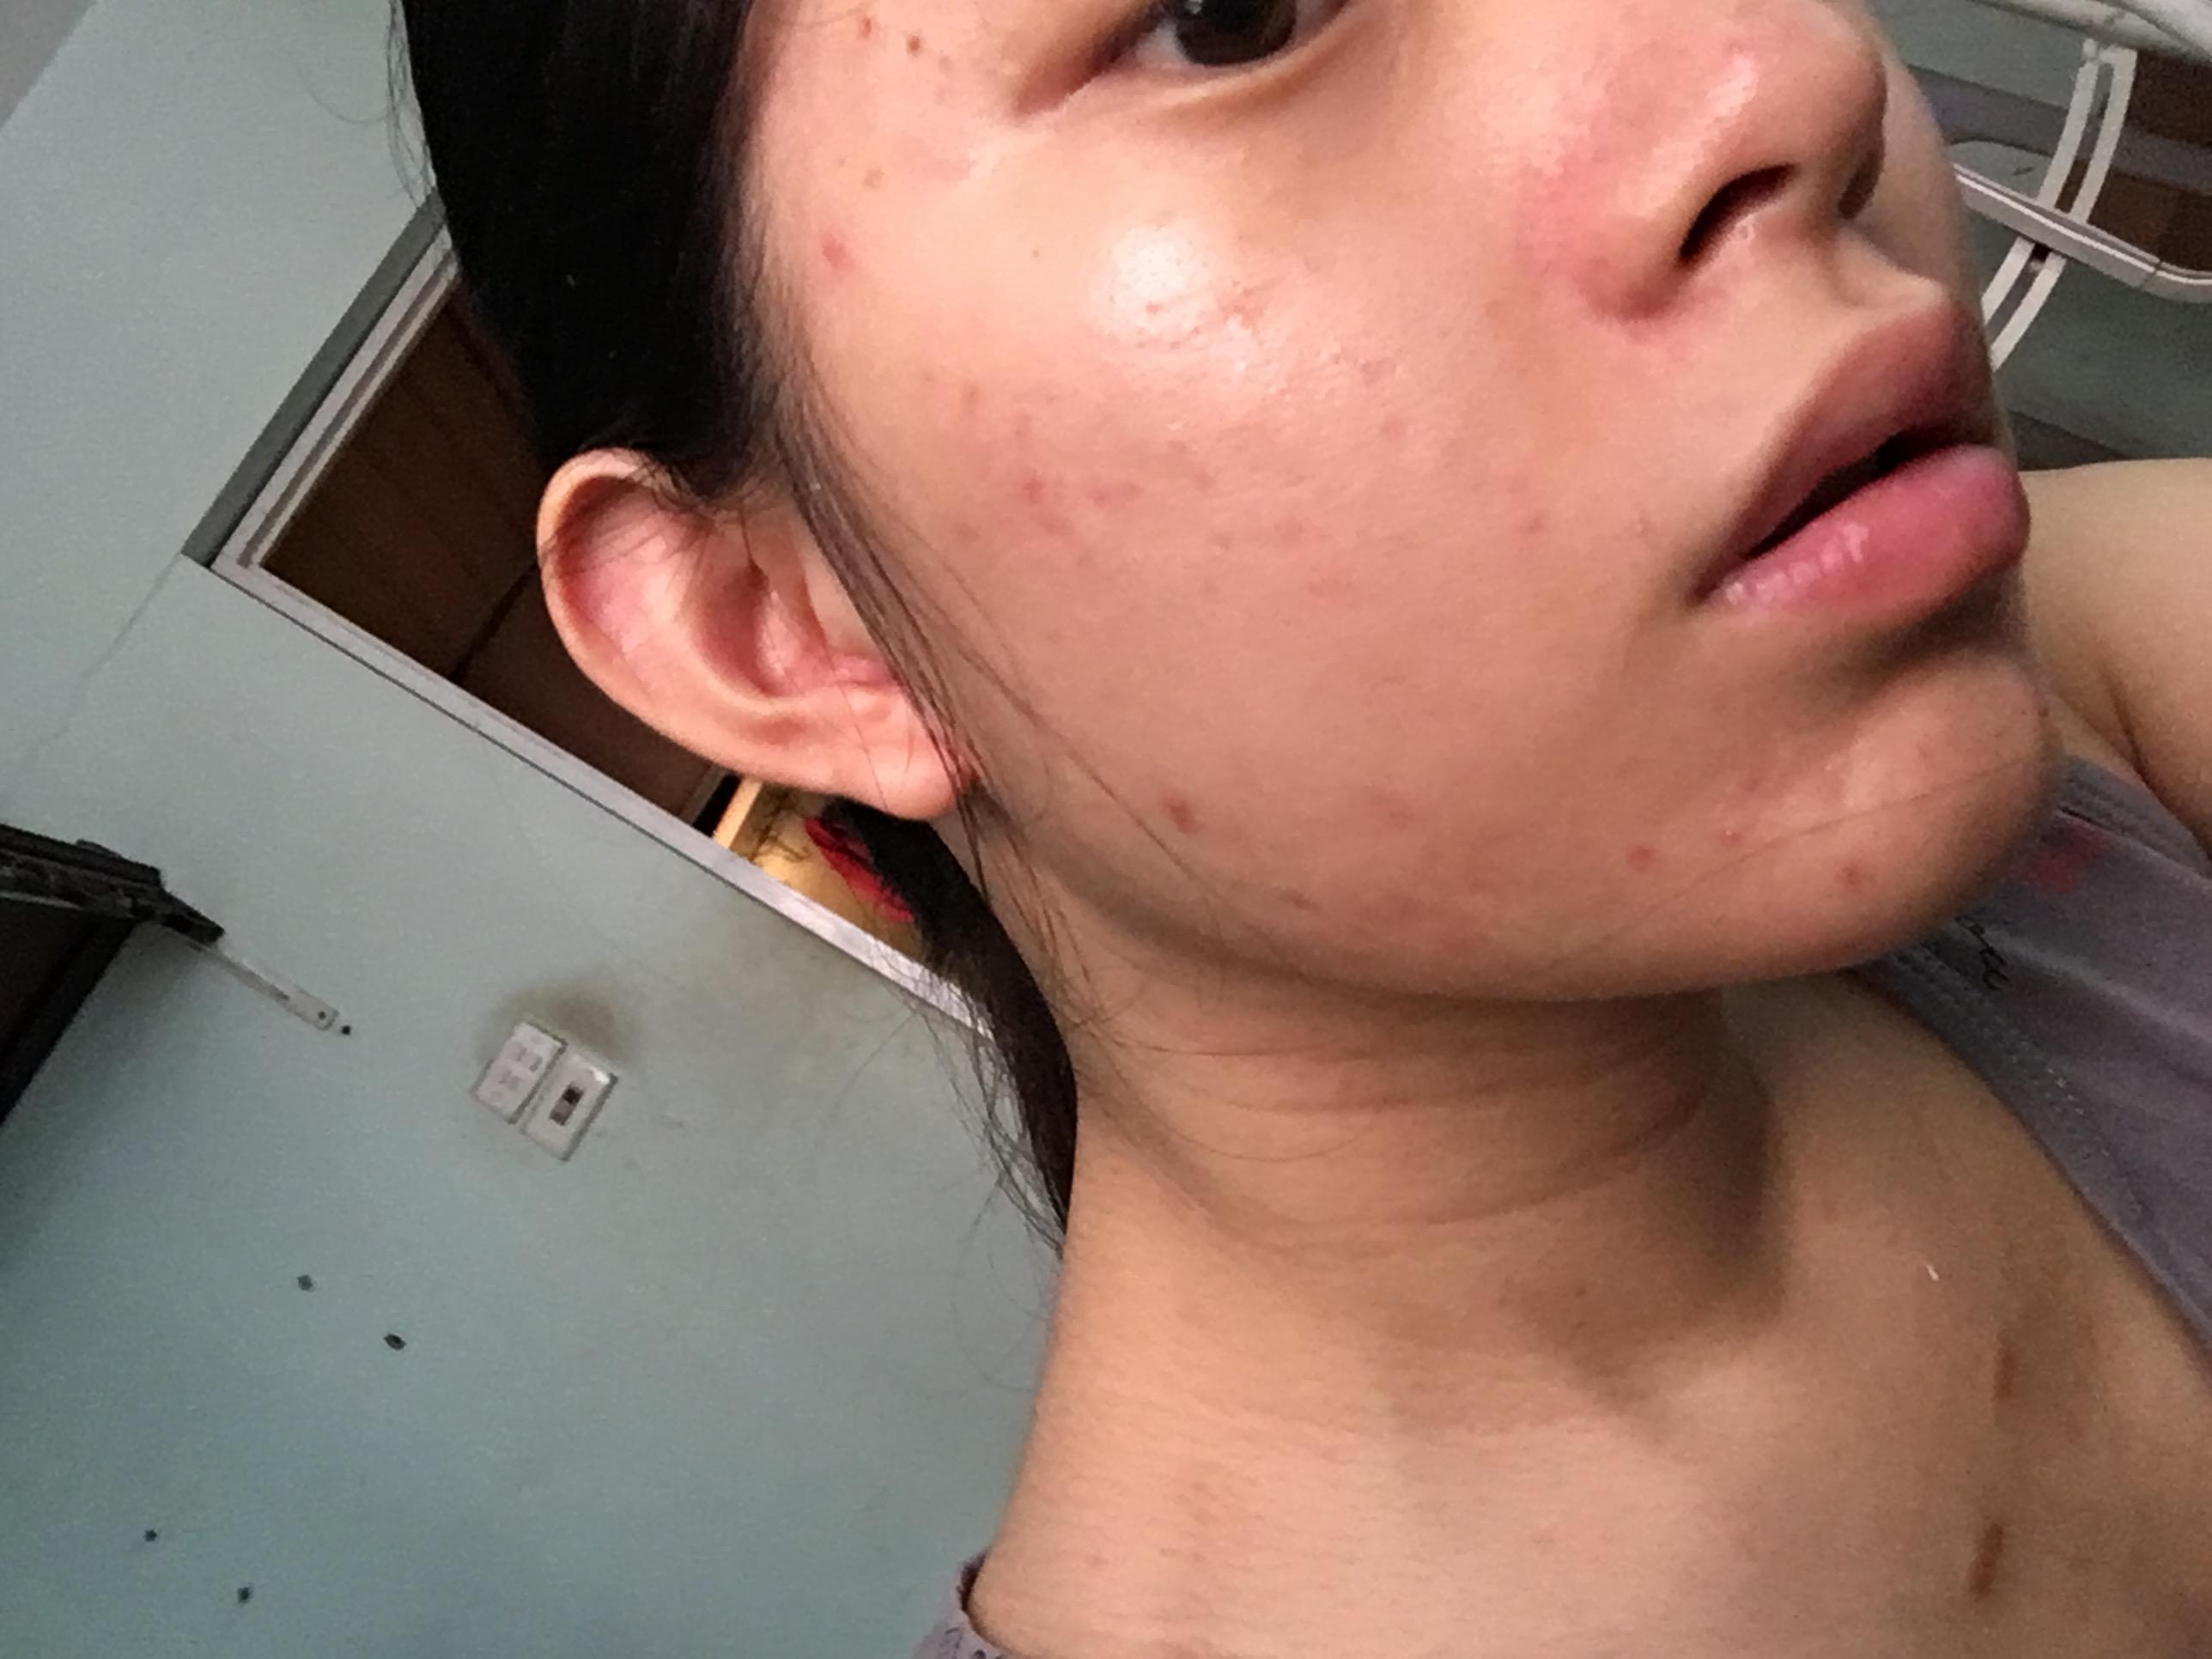 |Review| Mụn viêm được ngăn chặn, xẹp đi sau 7 ngày sử dụng Gel Mụn Sẹo Thâm ♡ Vietlife Skincare Nano ♡ 2